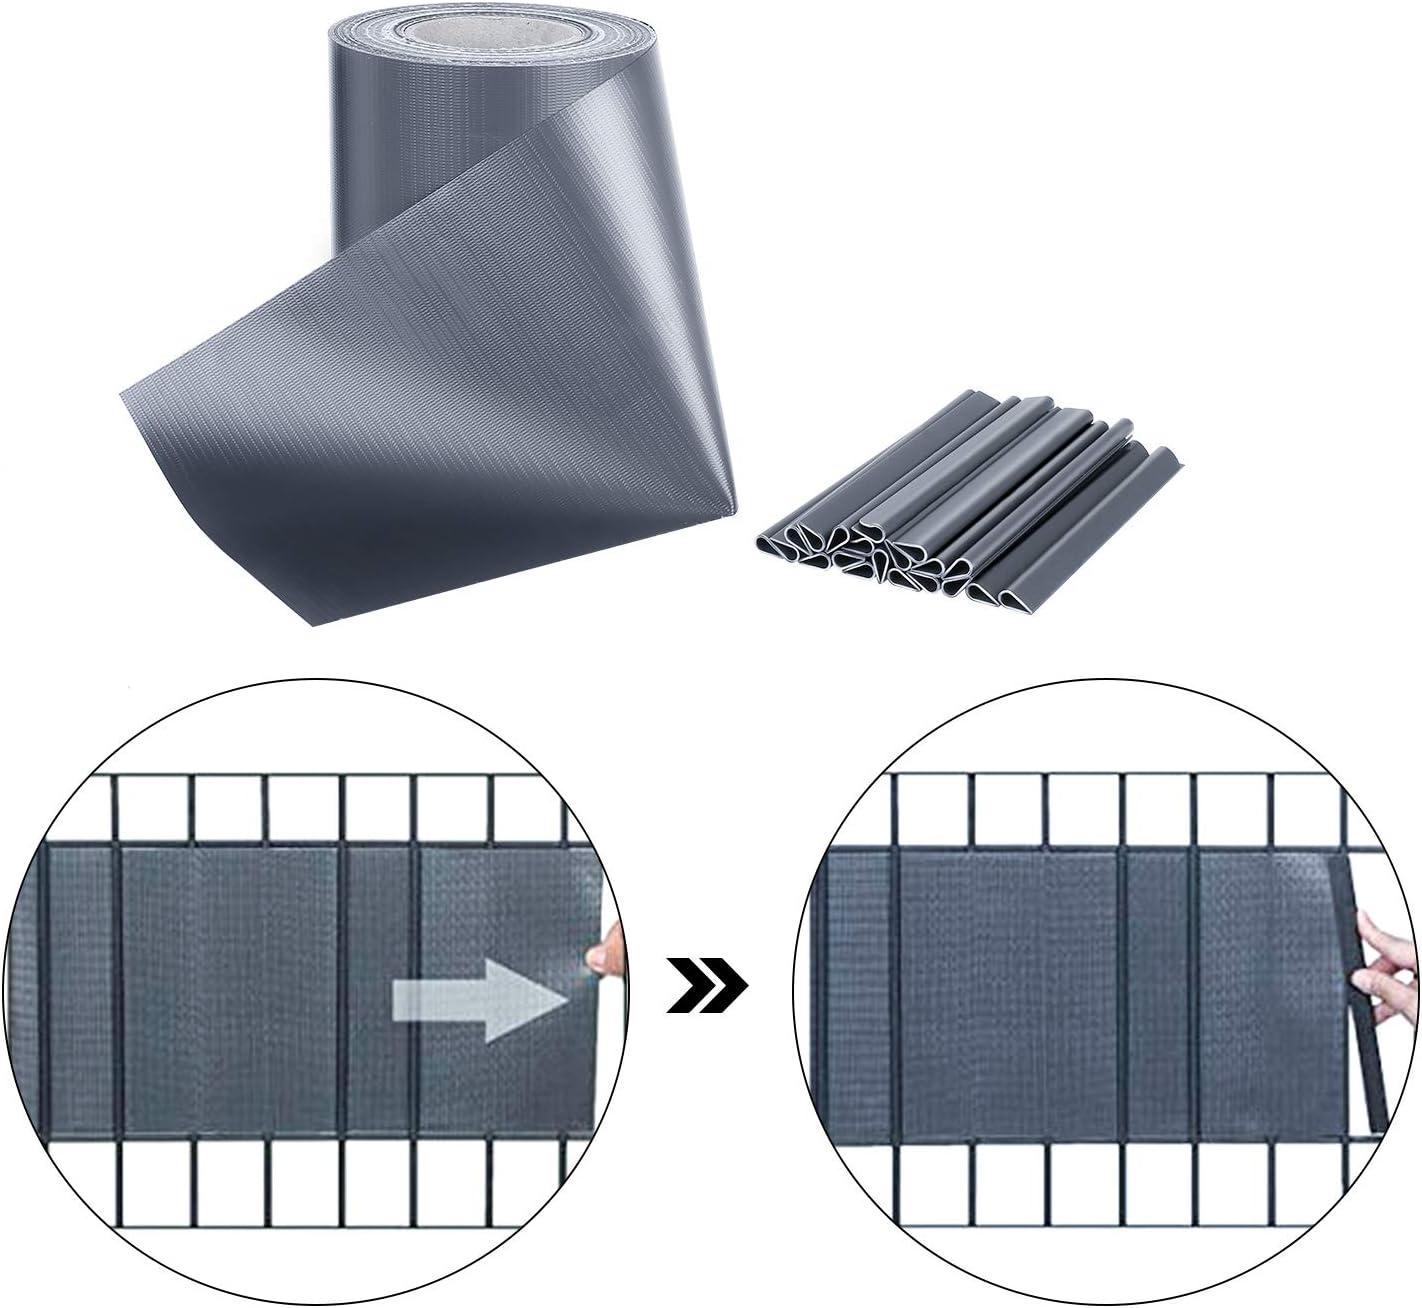 PVC Paravista con 30clip Impermeabile Schermo Privacy Peso 450 g//m/² Pannello Recinzione Antracite per Terrazze e Balconi FIXKIT Schermi Divisori e Protettivi 350cm x 19cm Frangivista e Frangivento